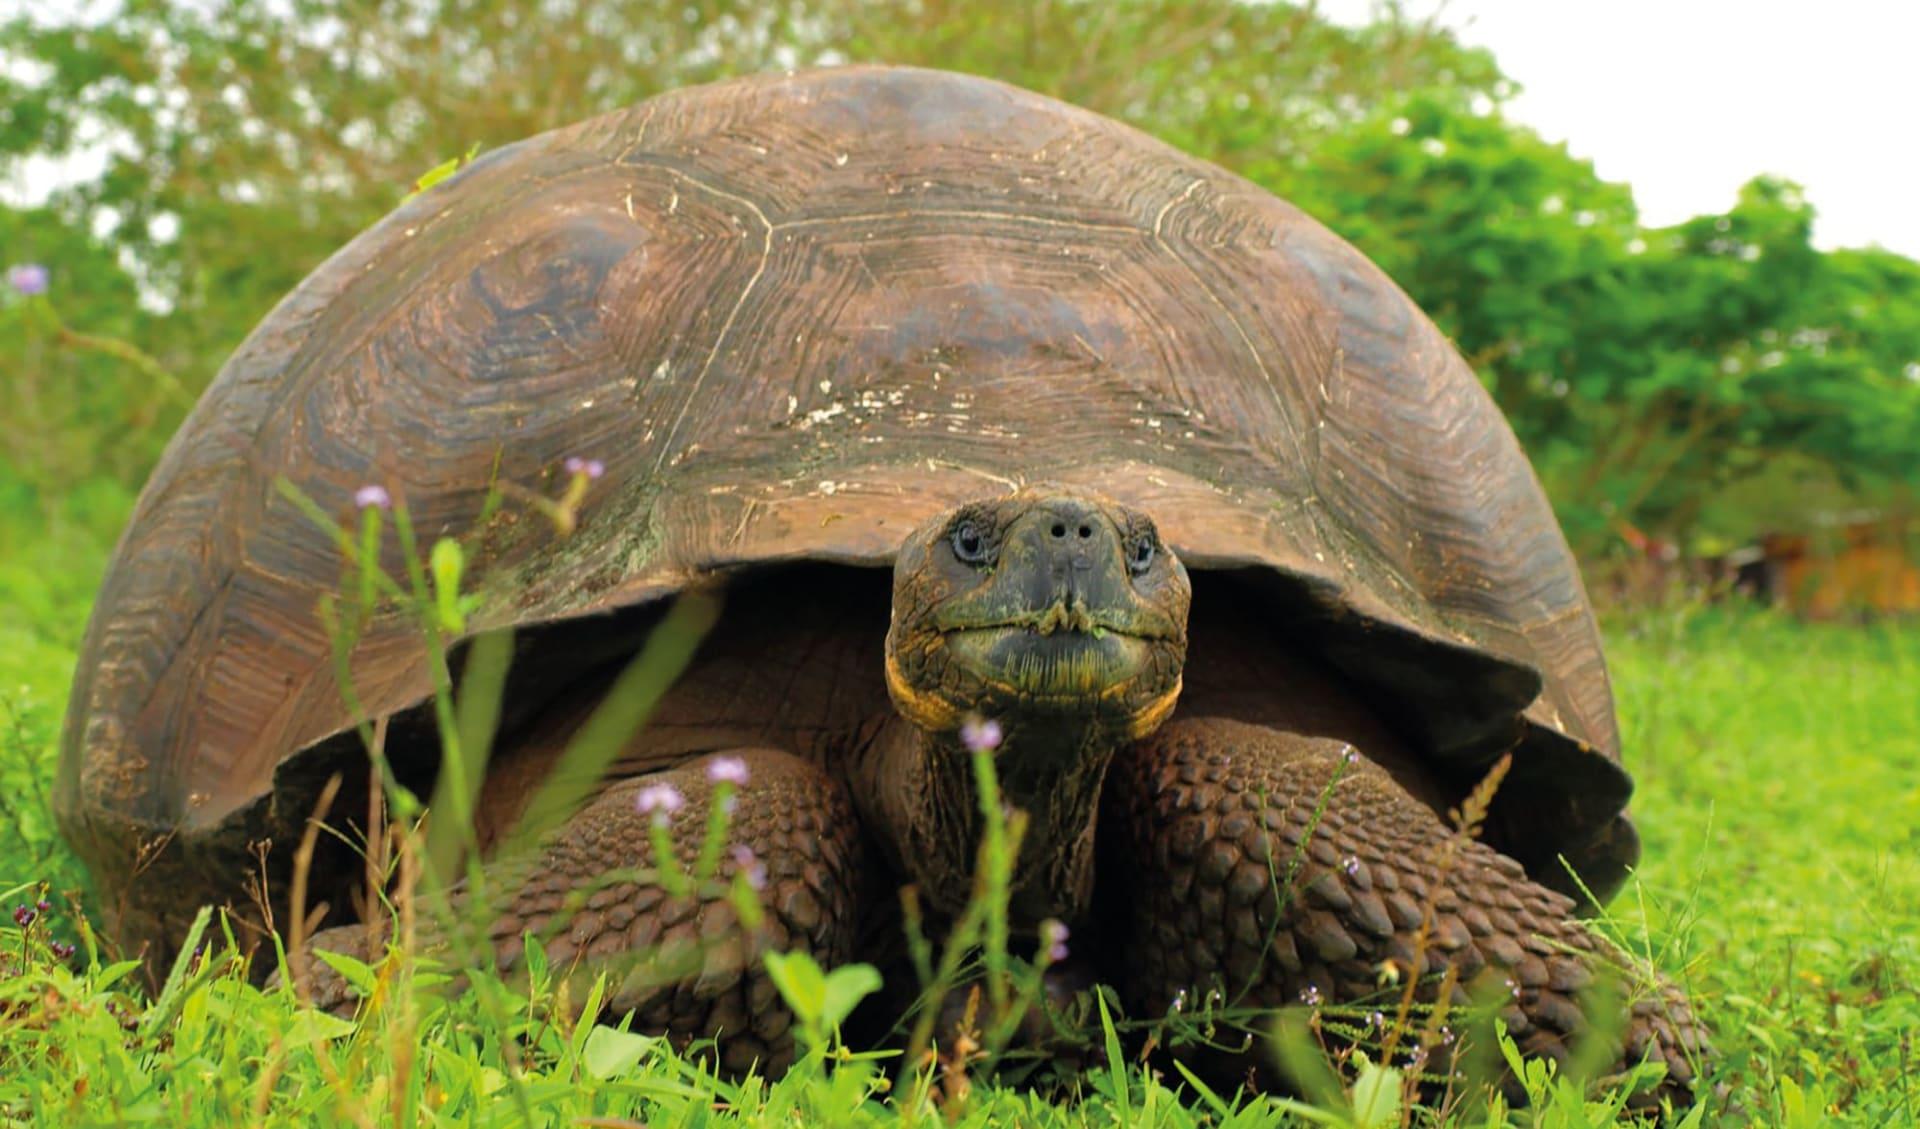 M/V Santa Cruz II ab Kreuzfahrten: Riesenschildkröte